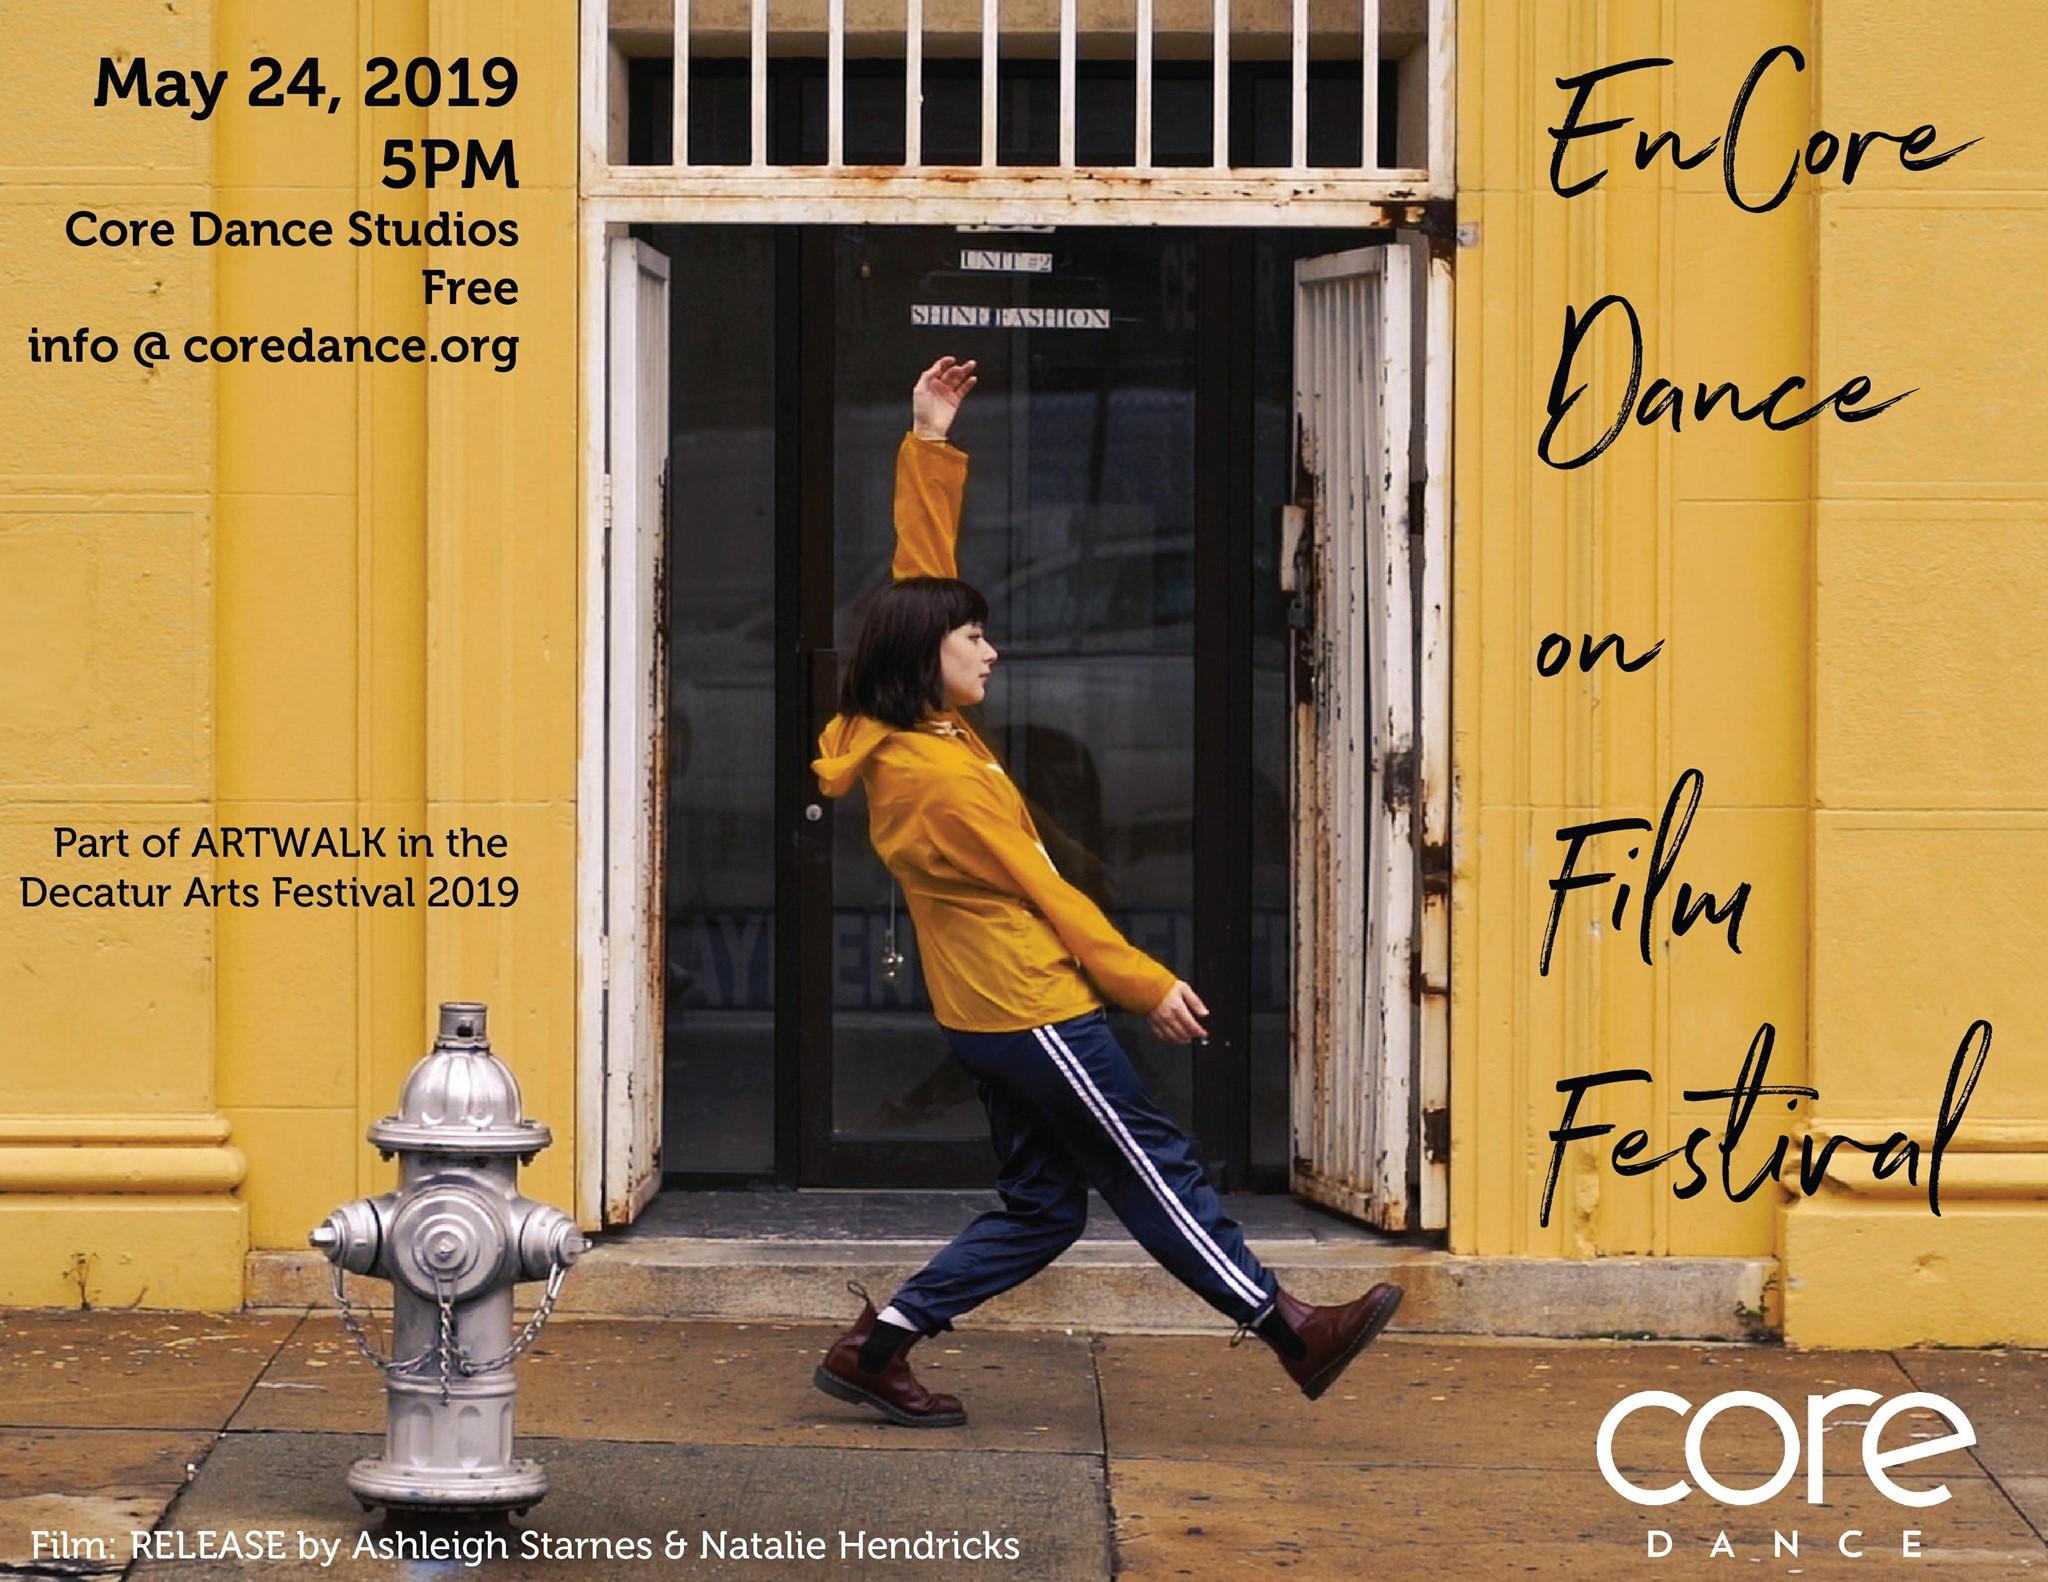 enCore dance on film festival 2019